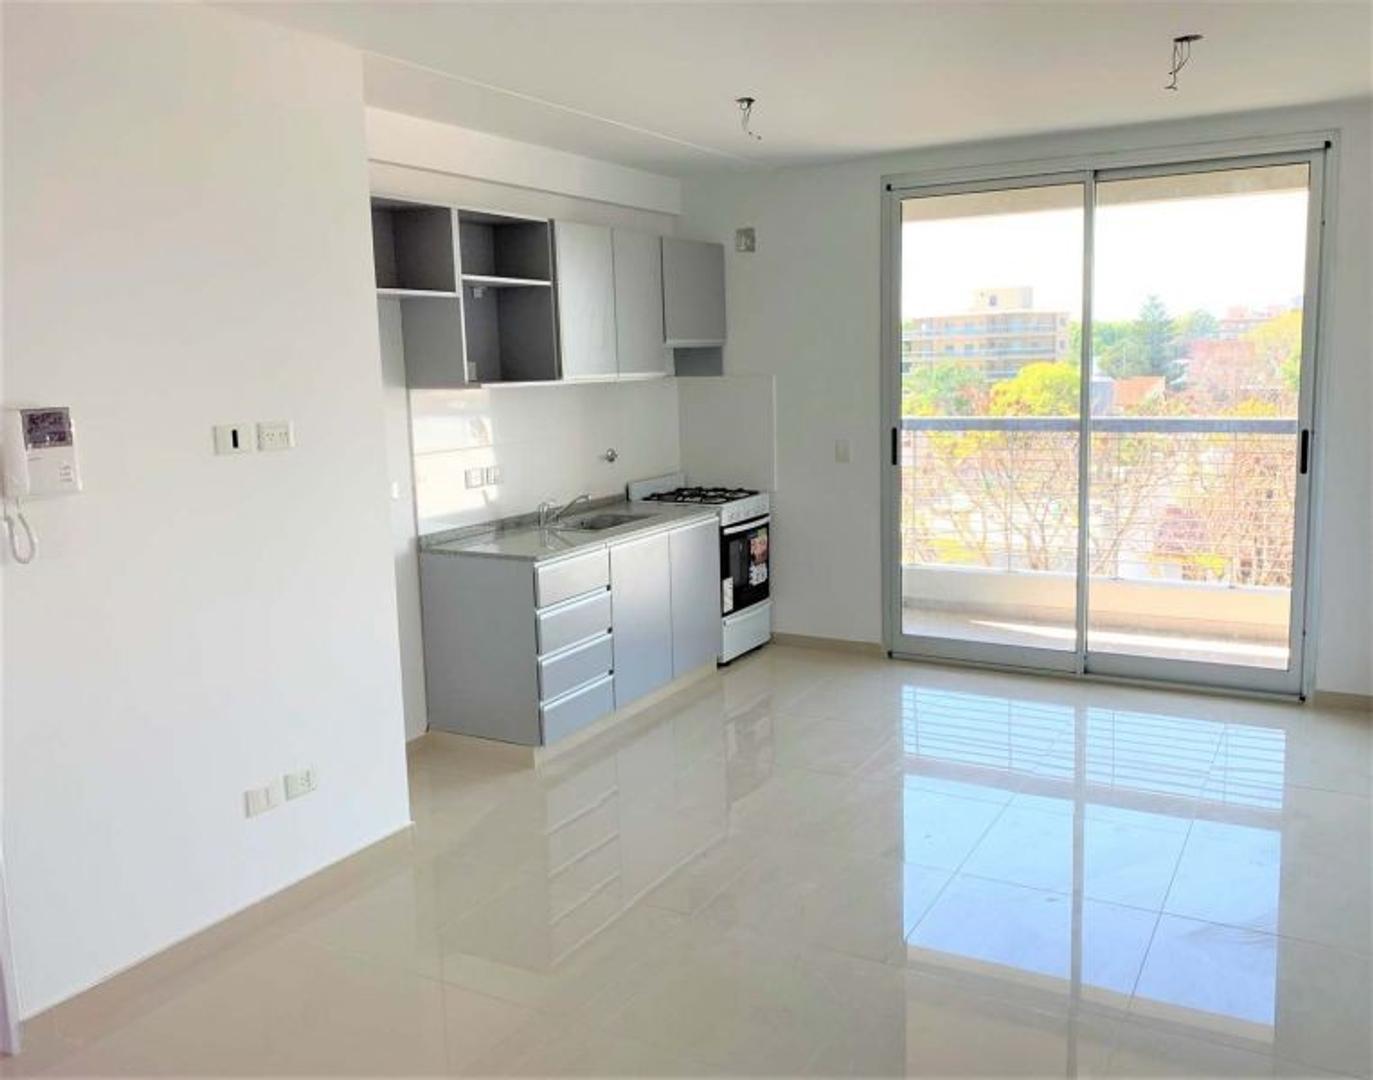 Departamento - 33 m² | 1 dormitorio | A estrenar